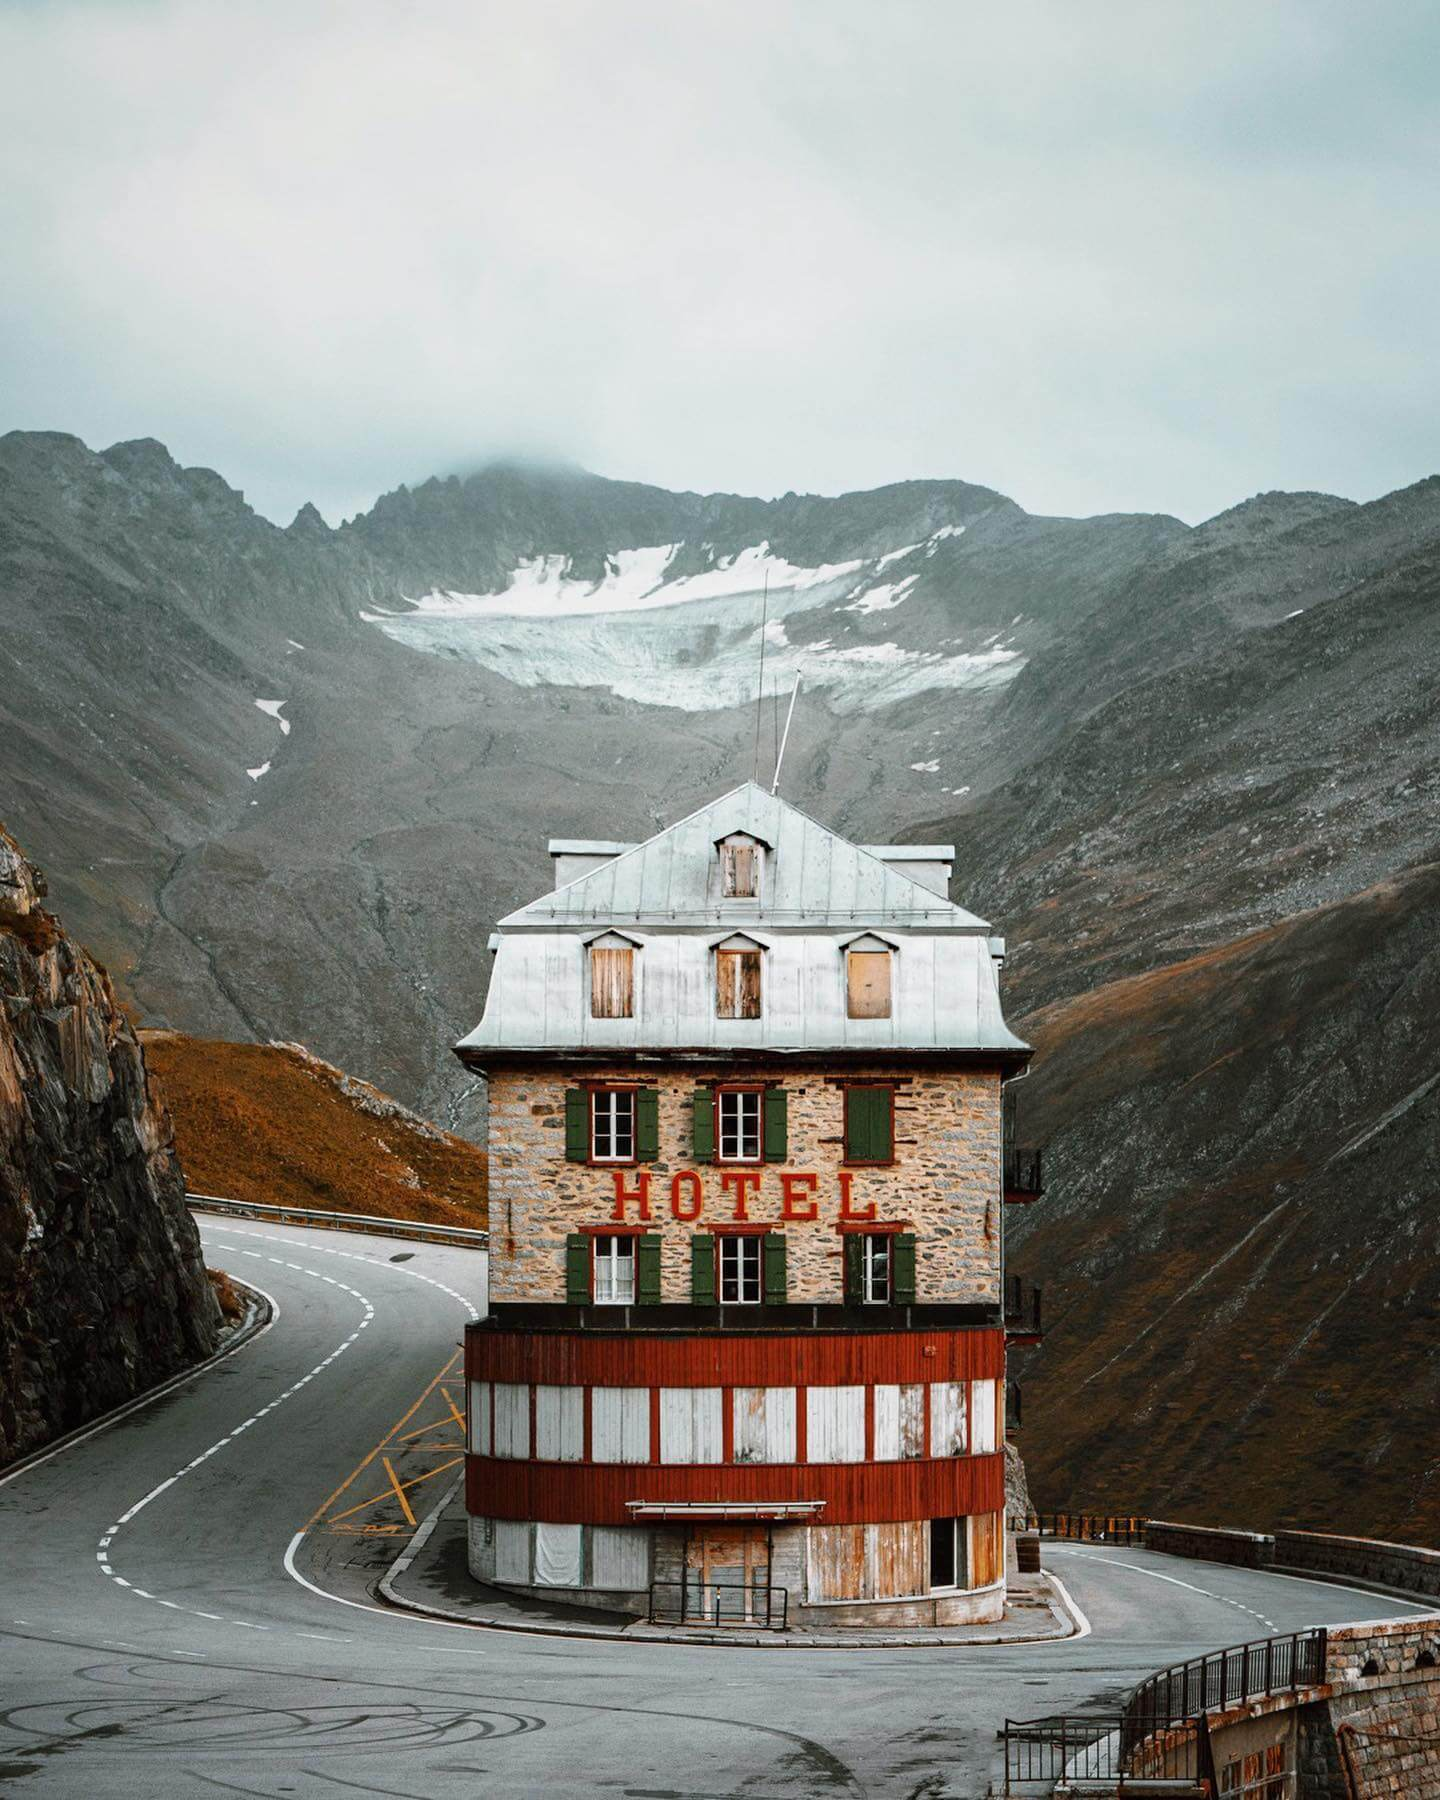 Hotel building, snow landscape, mountains